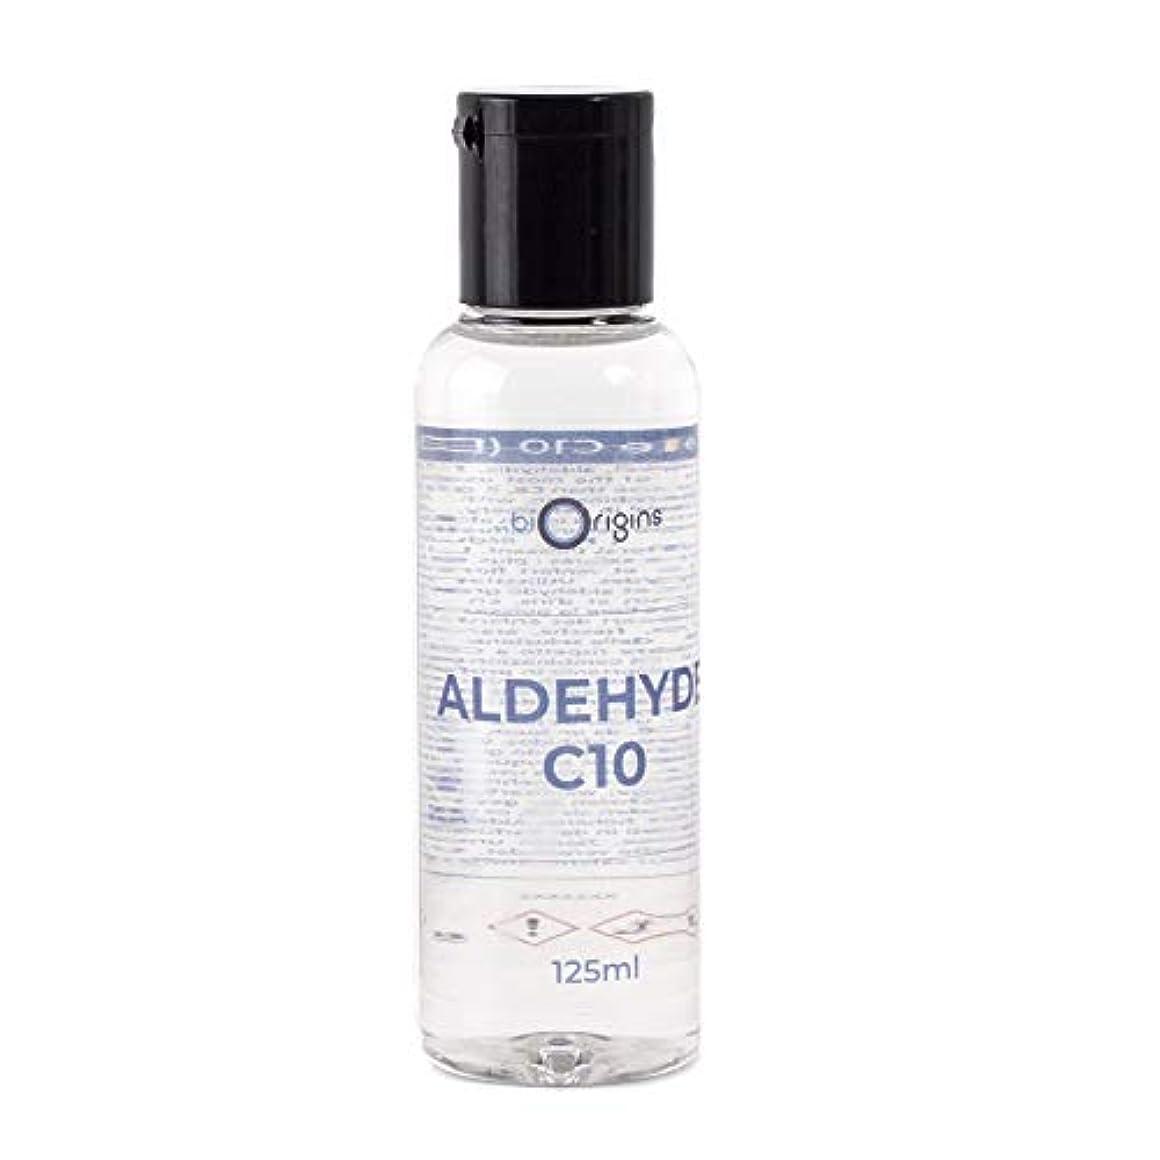 引き出しあらゆる種類の哀れなMystic Moments | Aldehyde C10 (Decanal) - 250ml